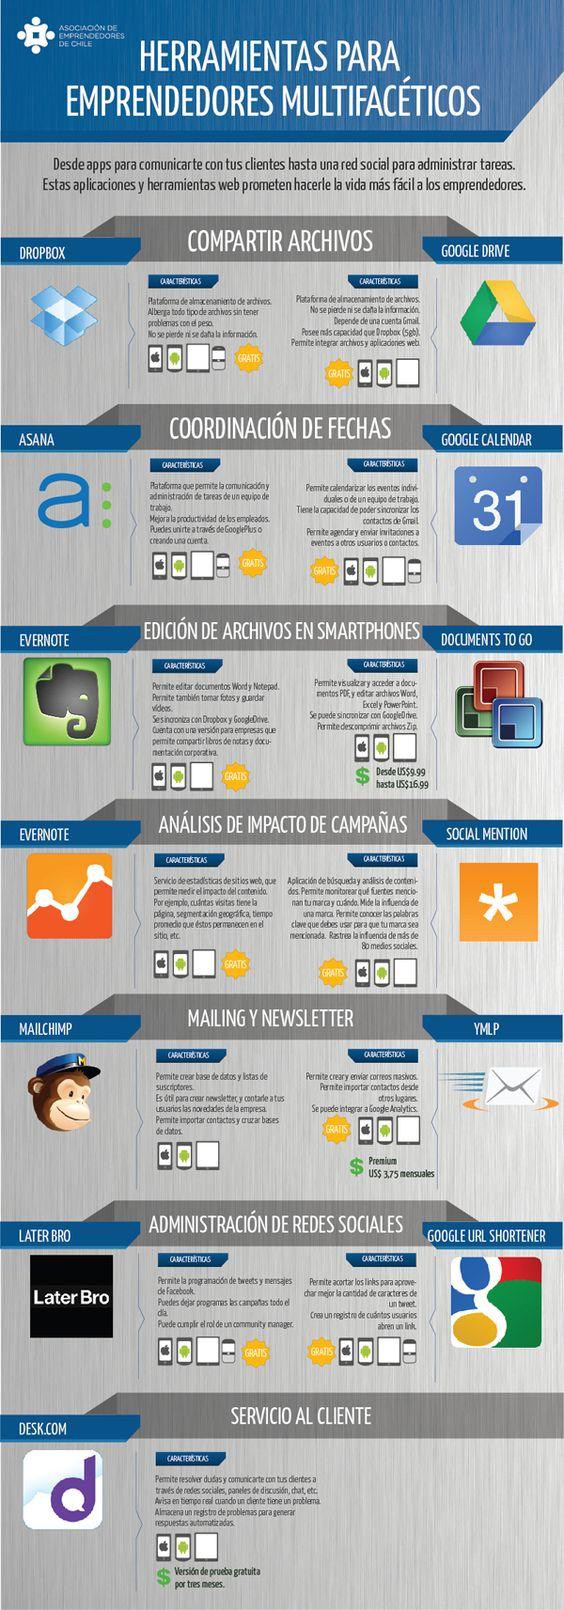 Herramientas para Emprendedores Multifacéticos. Sin dudas, Internet es una gran aliada para los que amamos emprendedor ;-)